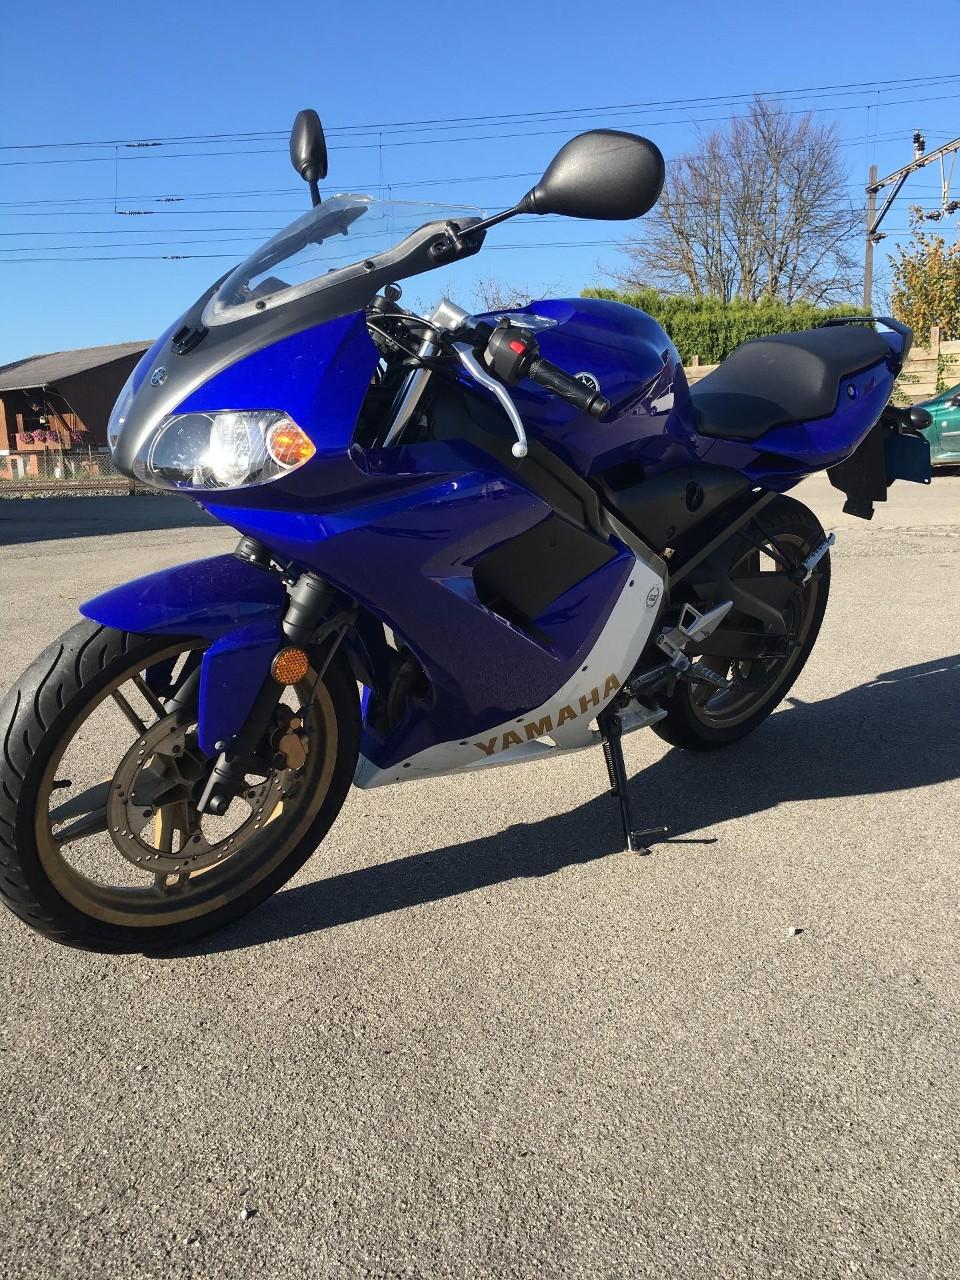 motorrad occasion kaufen yamaha tzr 50 merz mototeam riedt bei erlen. Black Bedroom Furniture Sets. Home Design Ideas